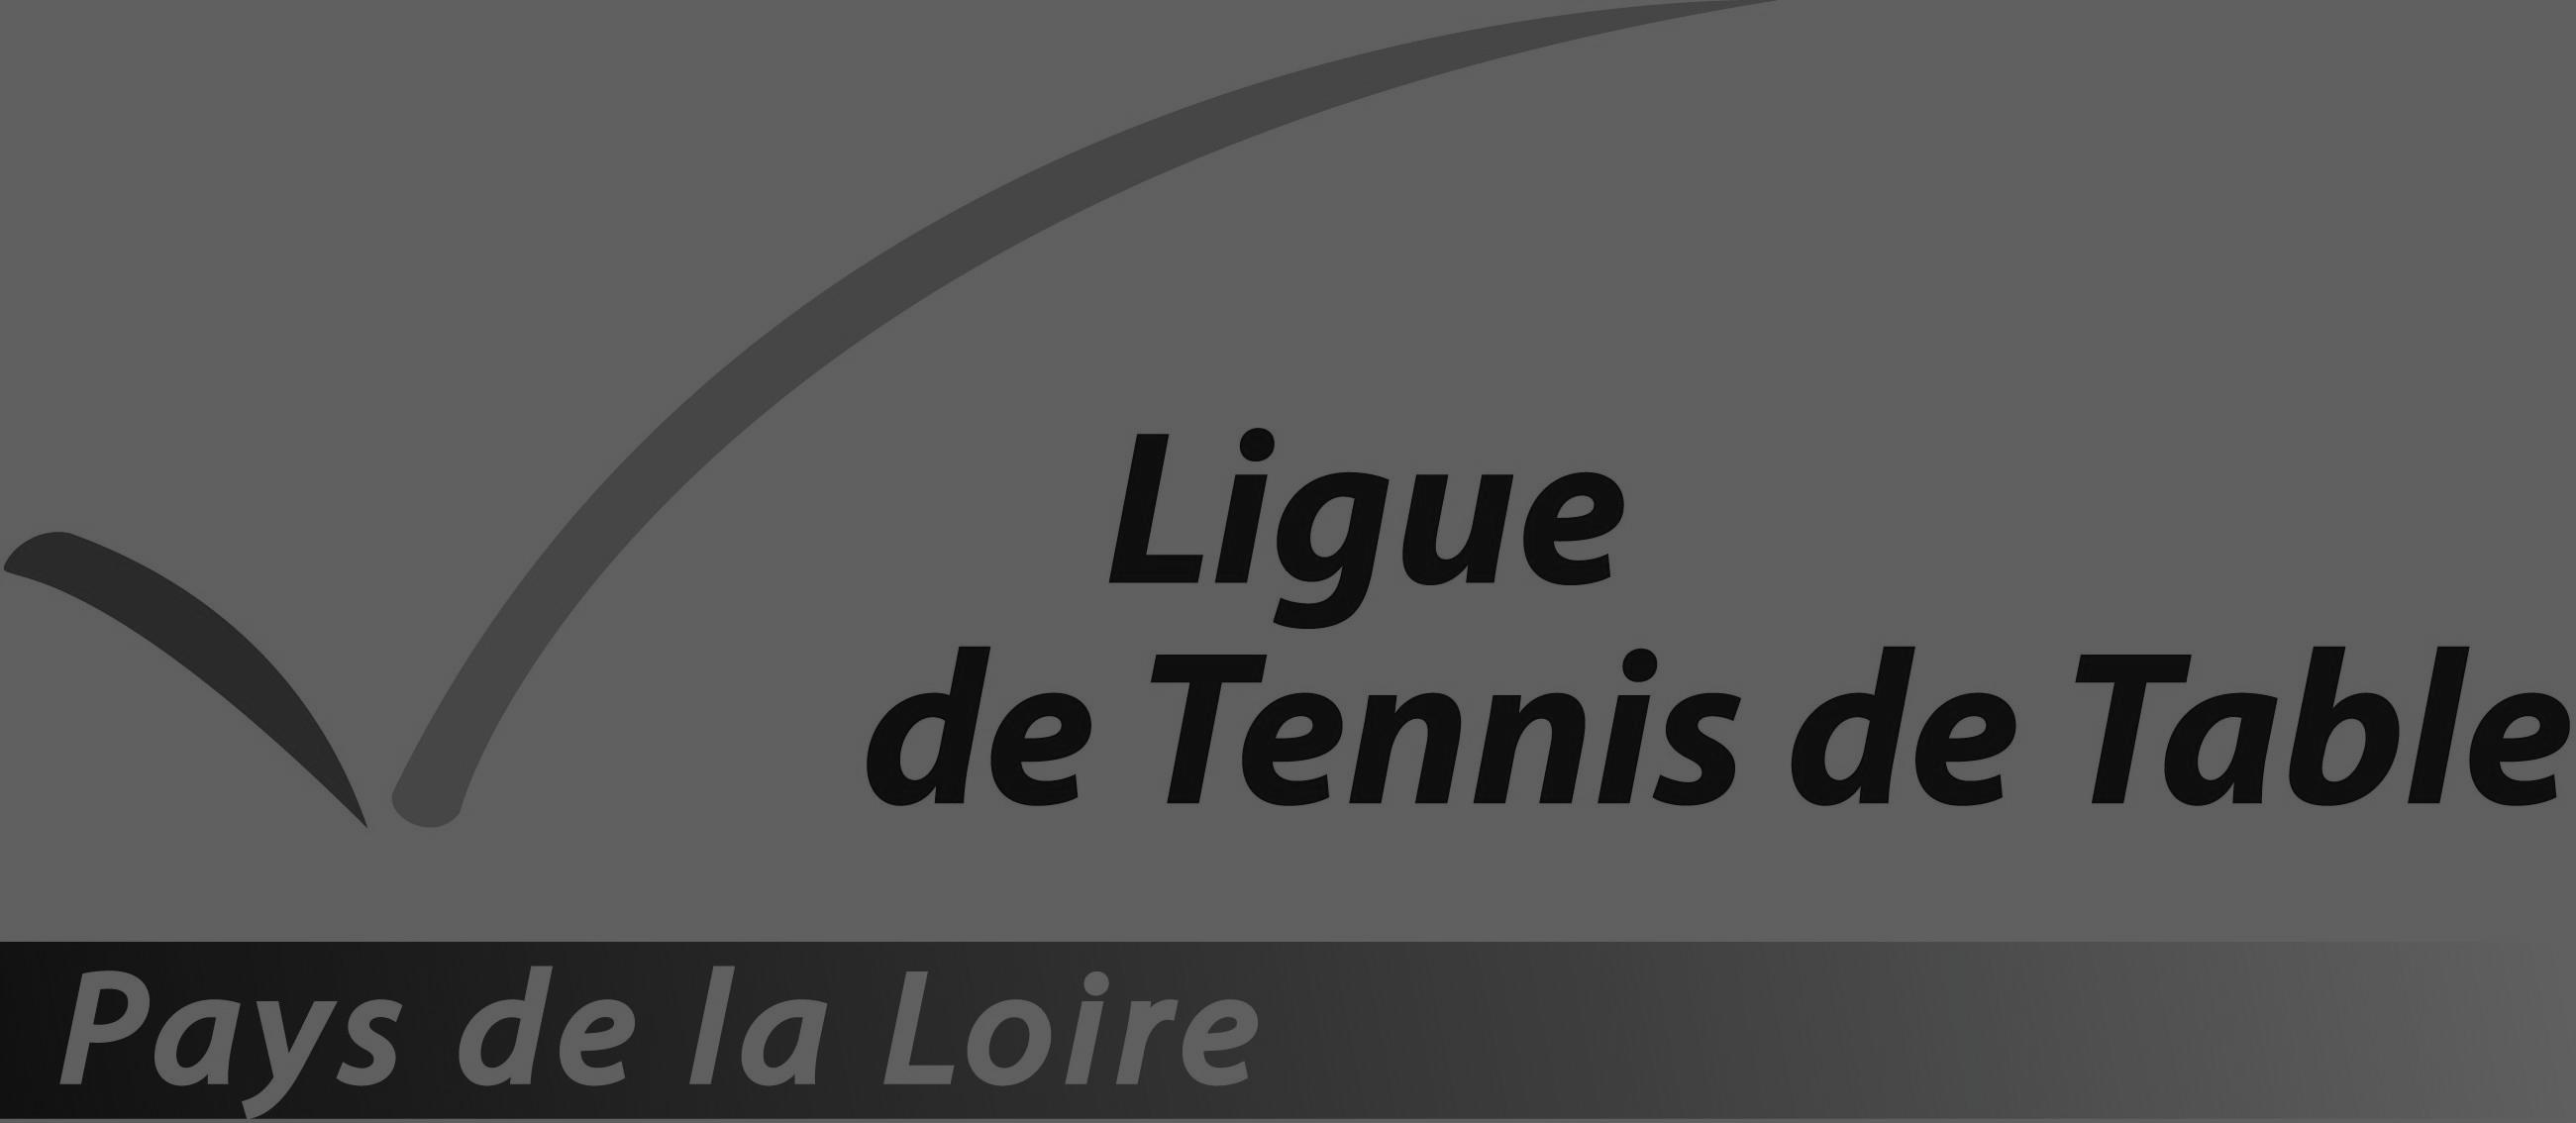 1 minute de silence en hommage aux victimes tennis de - Ligue de tennis de table poitou charentes ...